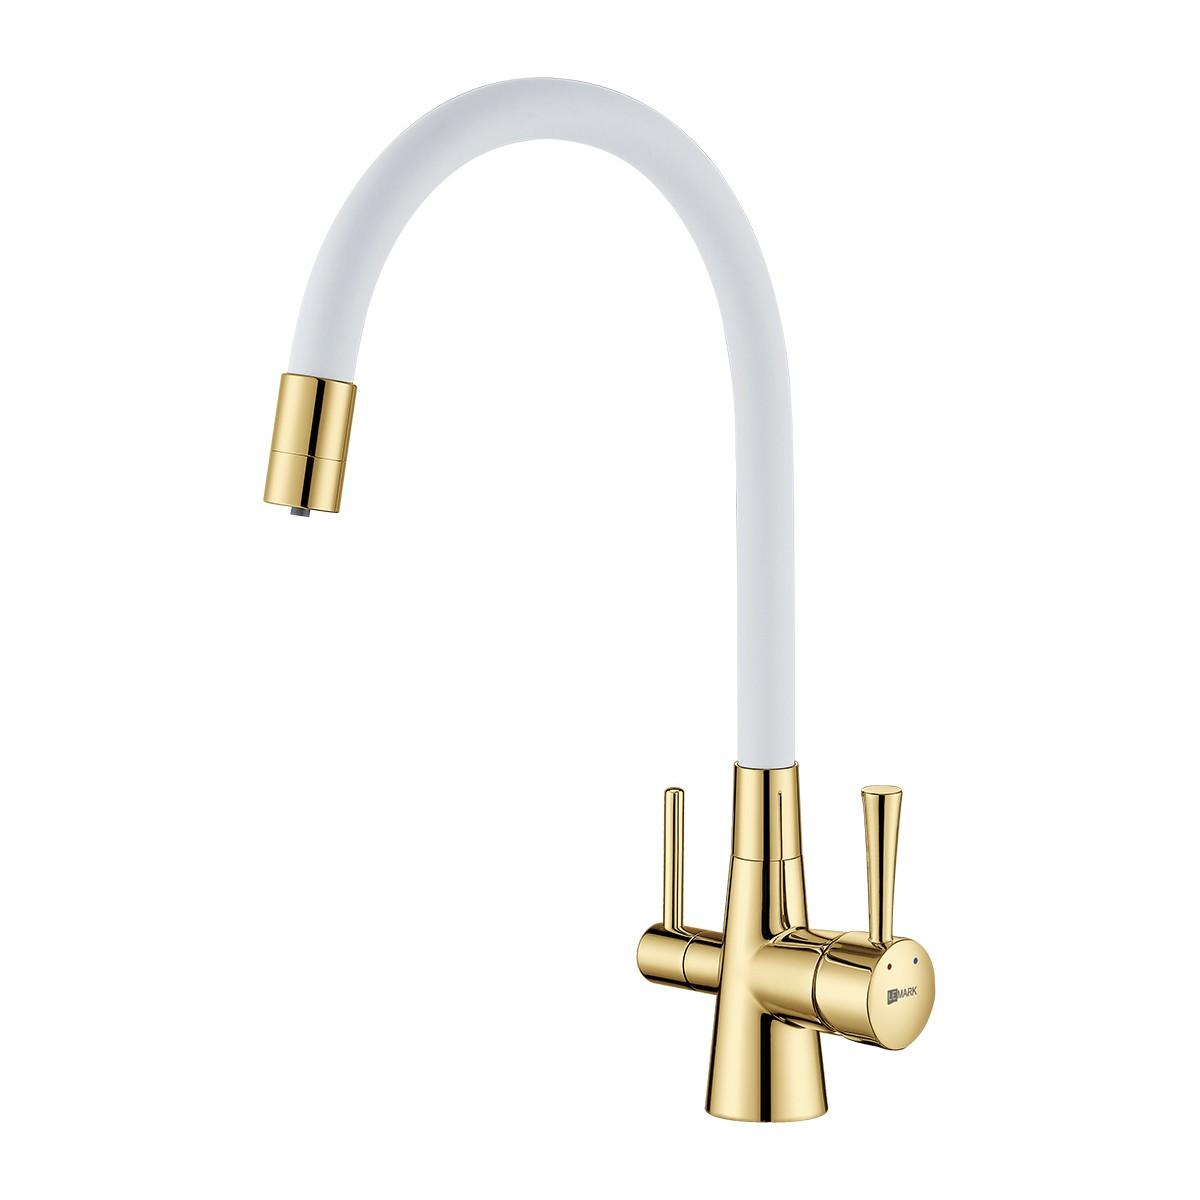 Смеситель для кухни Lemark Comfort LM3075G-White золотой с подключением к фильтру с питьевой водой с белым гибким изливом